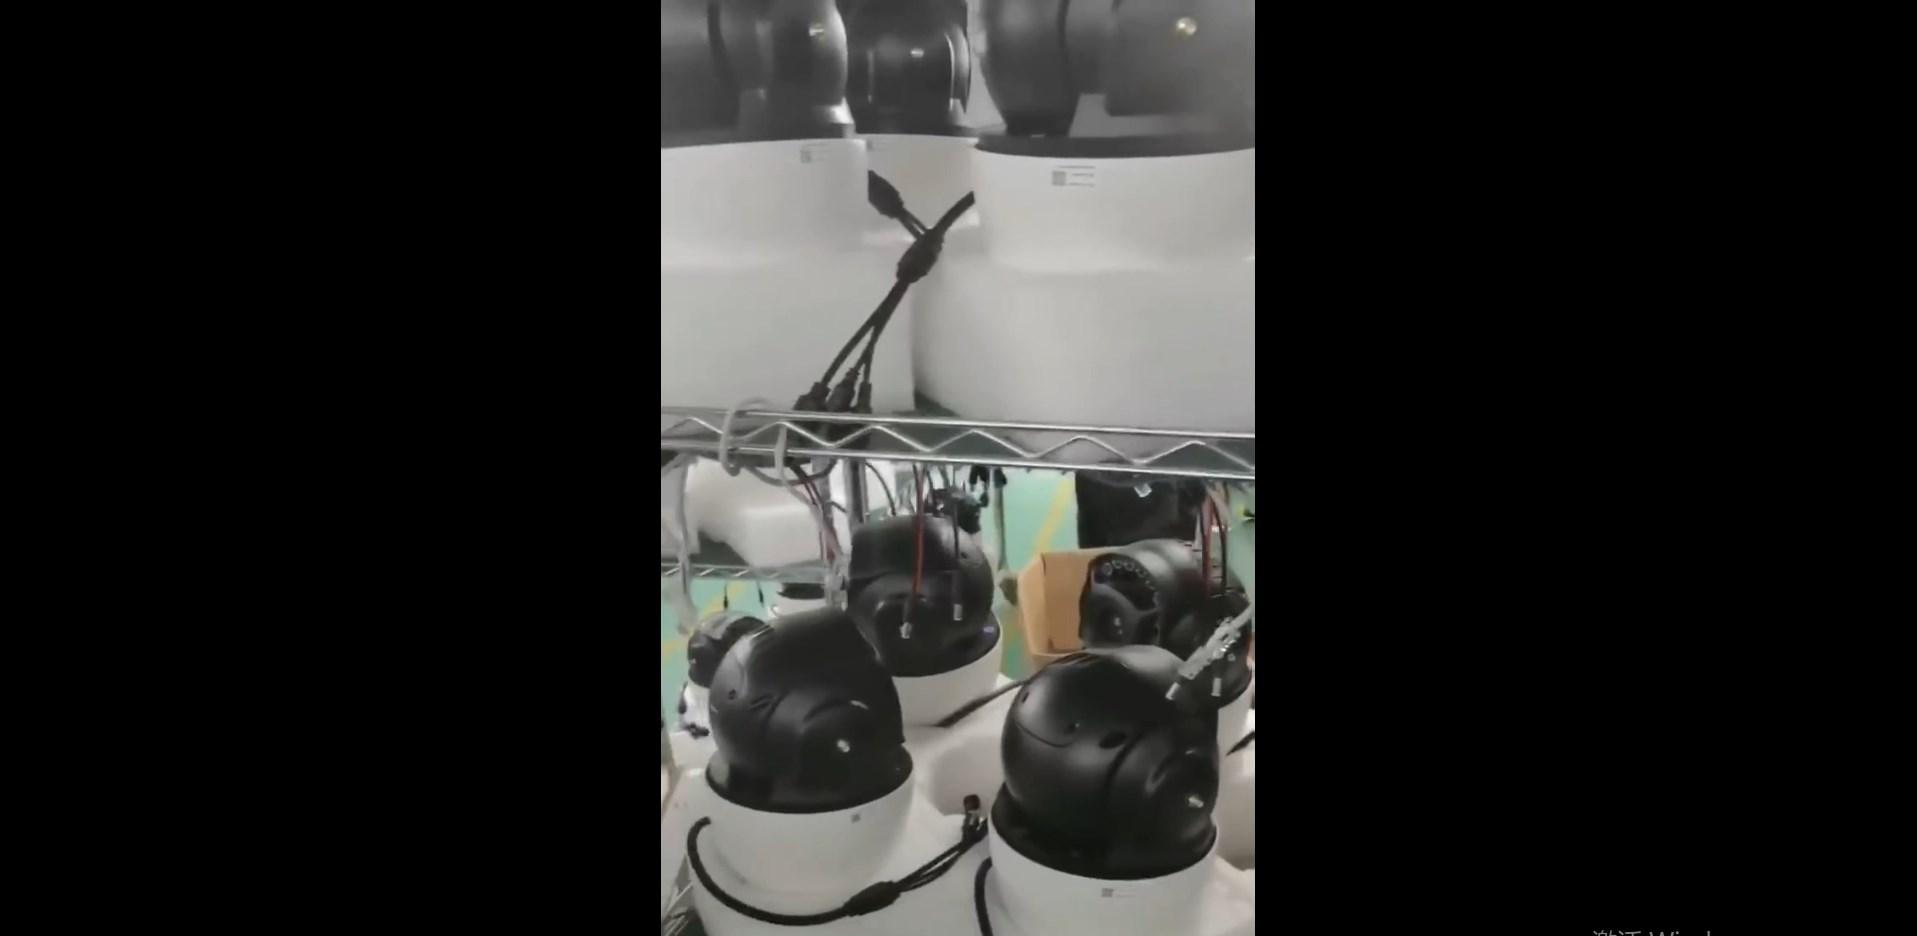 Professionelle LEEKGOVISION WIFI IP-PTZ-Kamera Produktion Hersteller